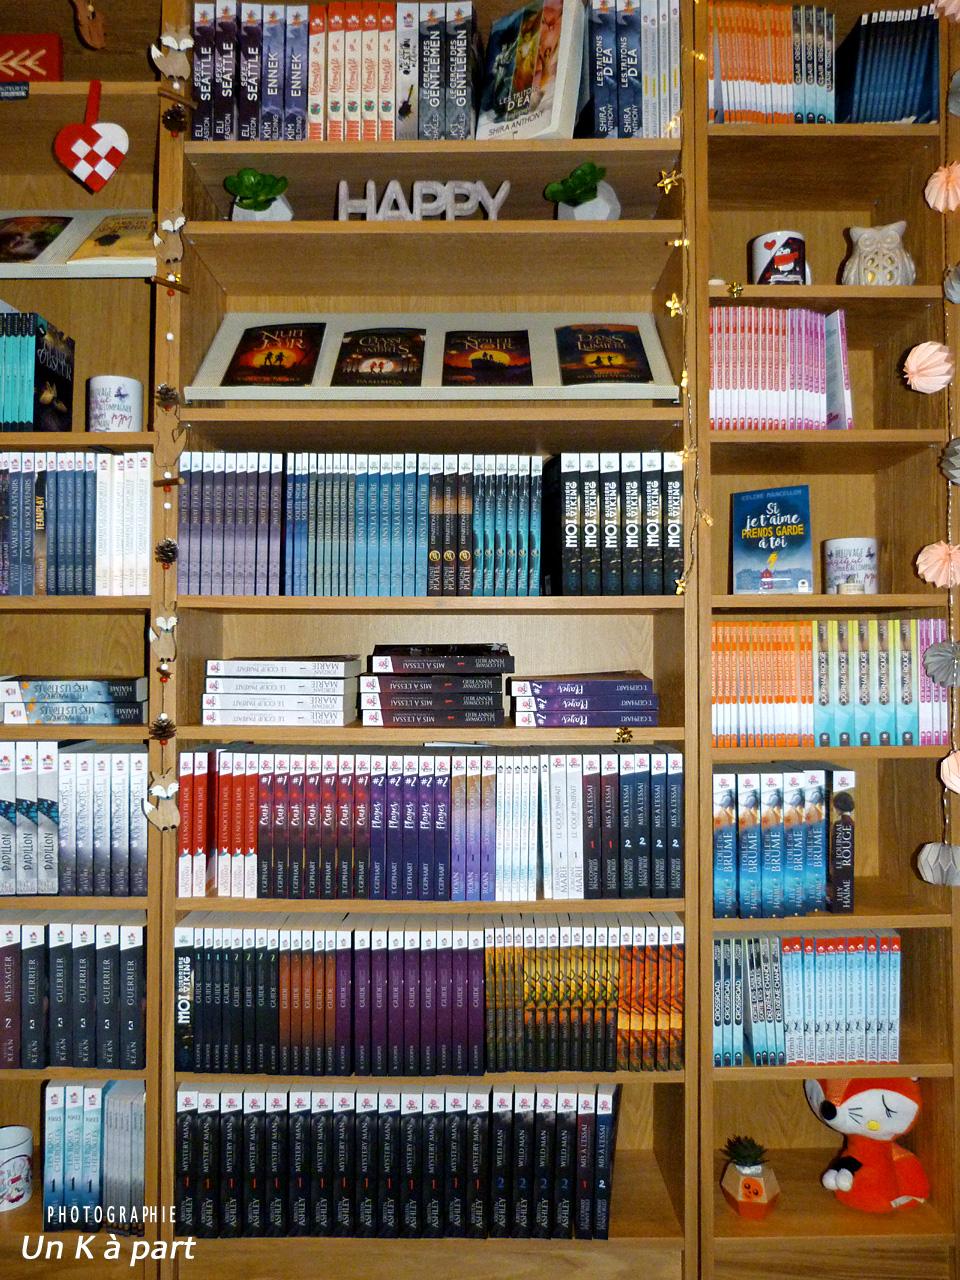 Festival livre du romantique bibliothèque